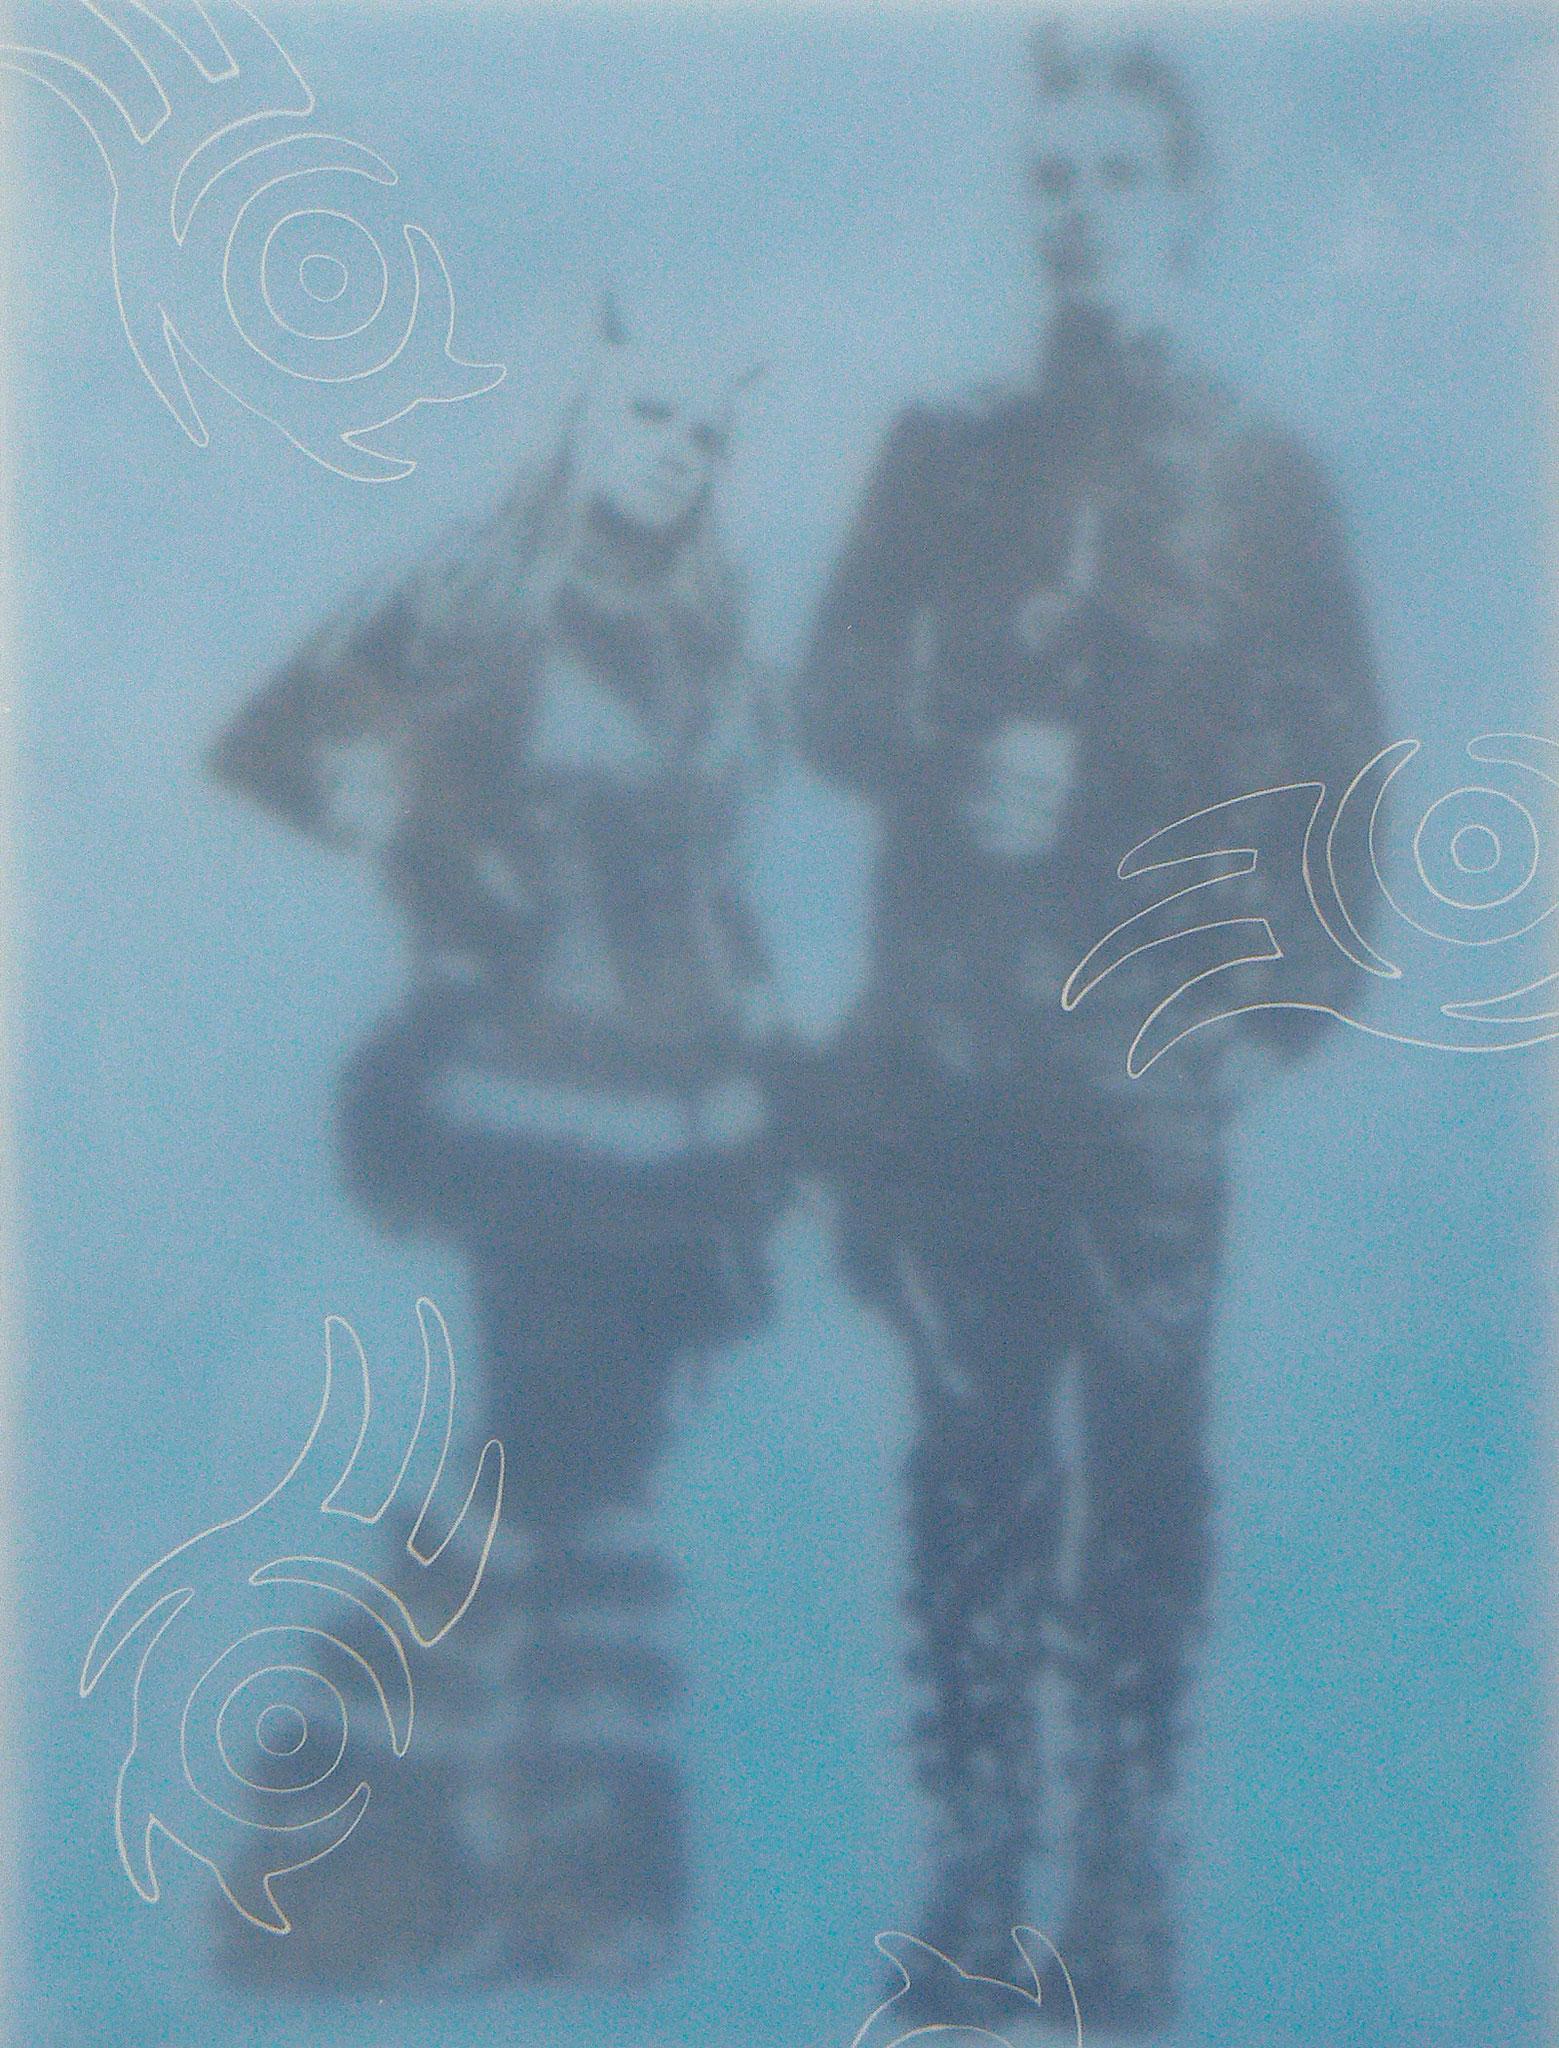 Gothik-Engel 5, 2009, Paraffin auf Leinwand/Holz, 60 x 80 cm